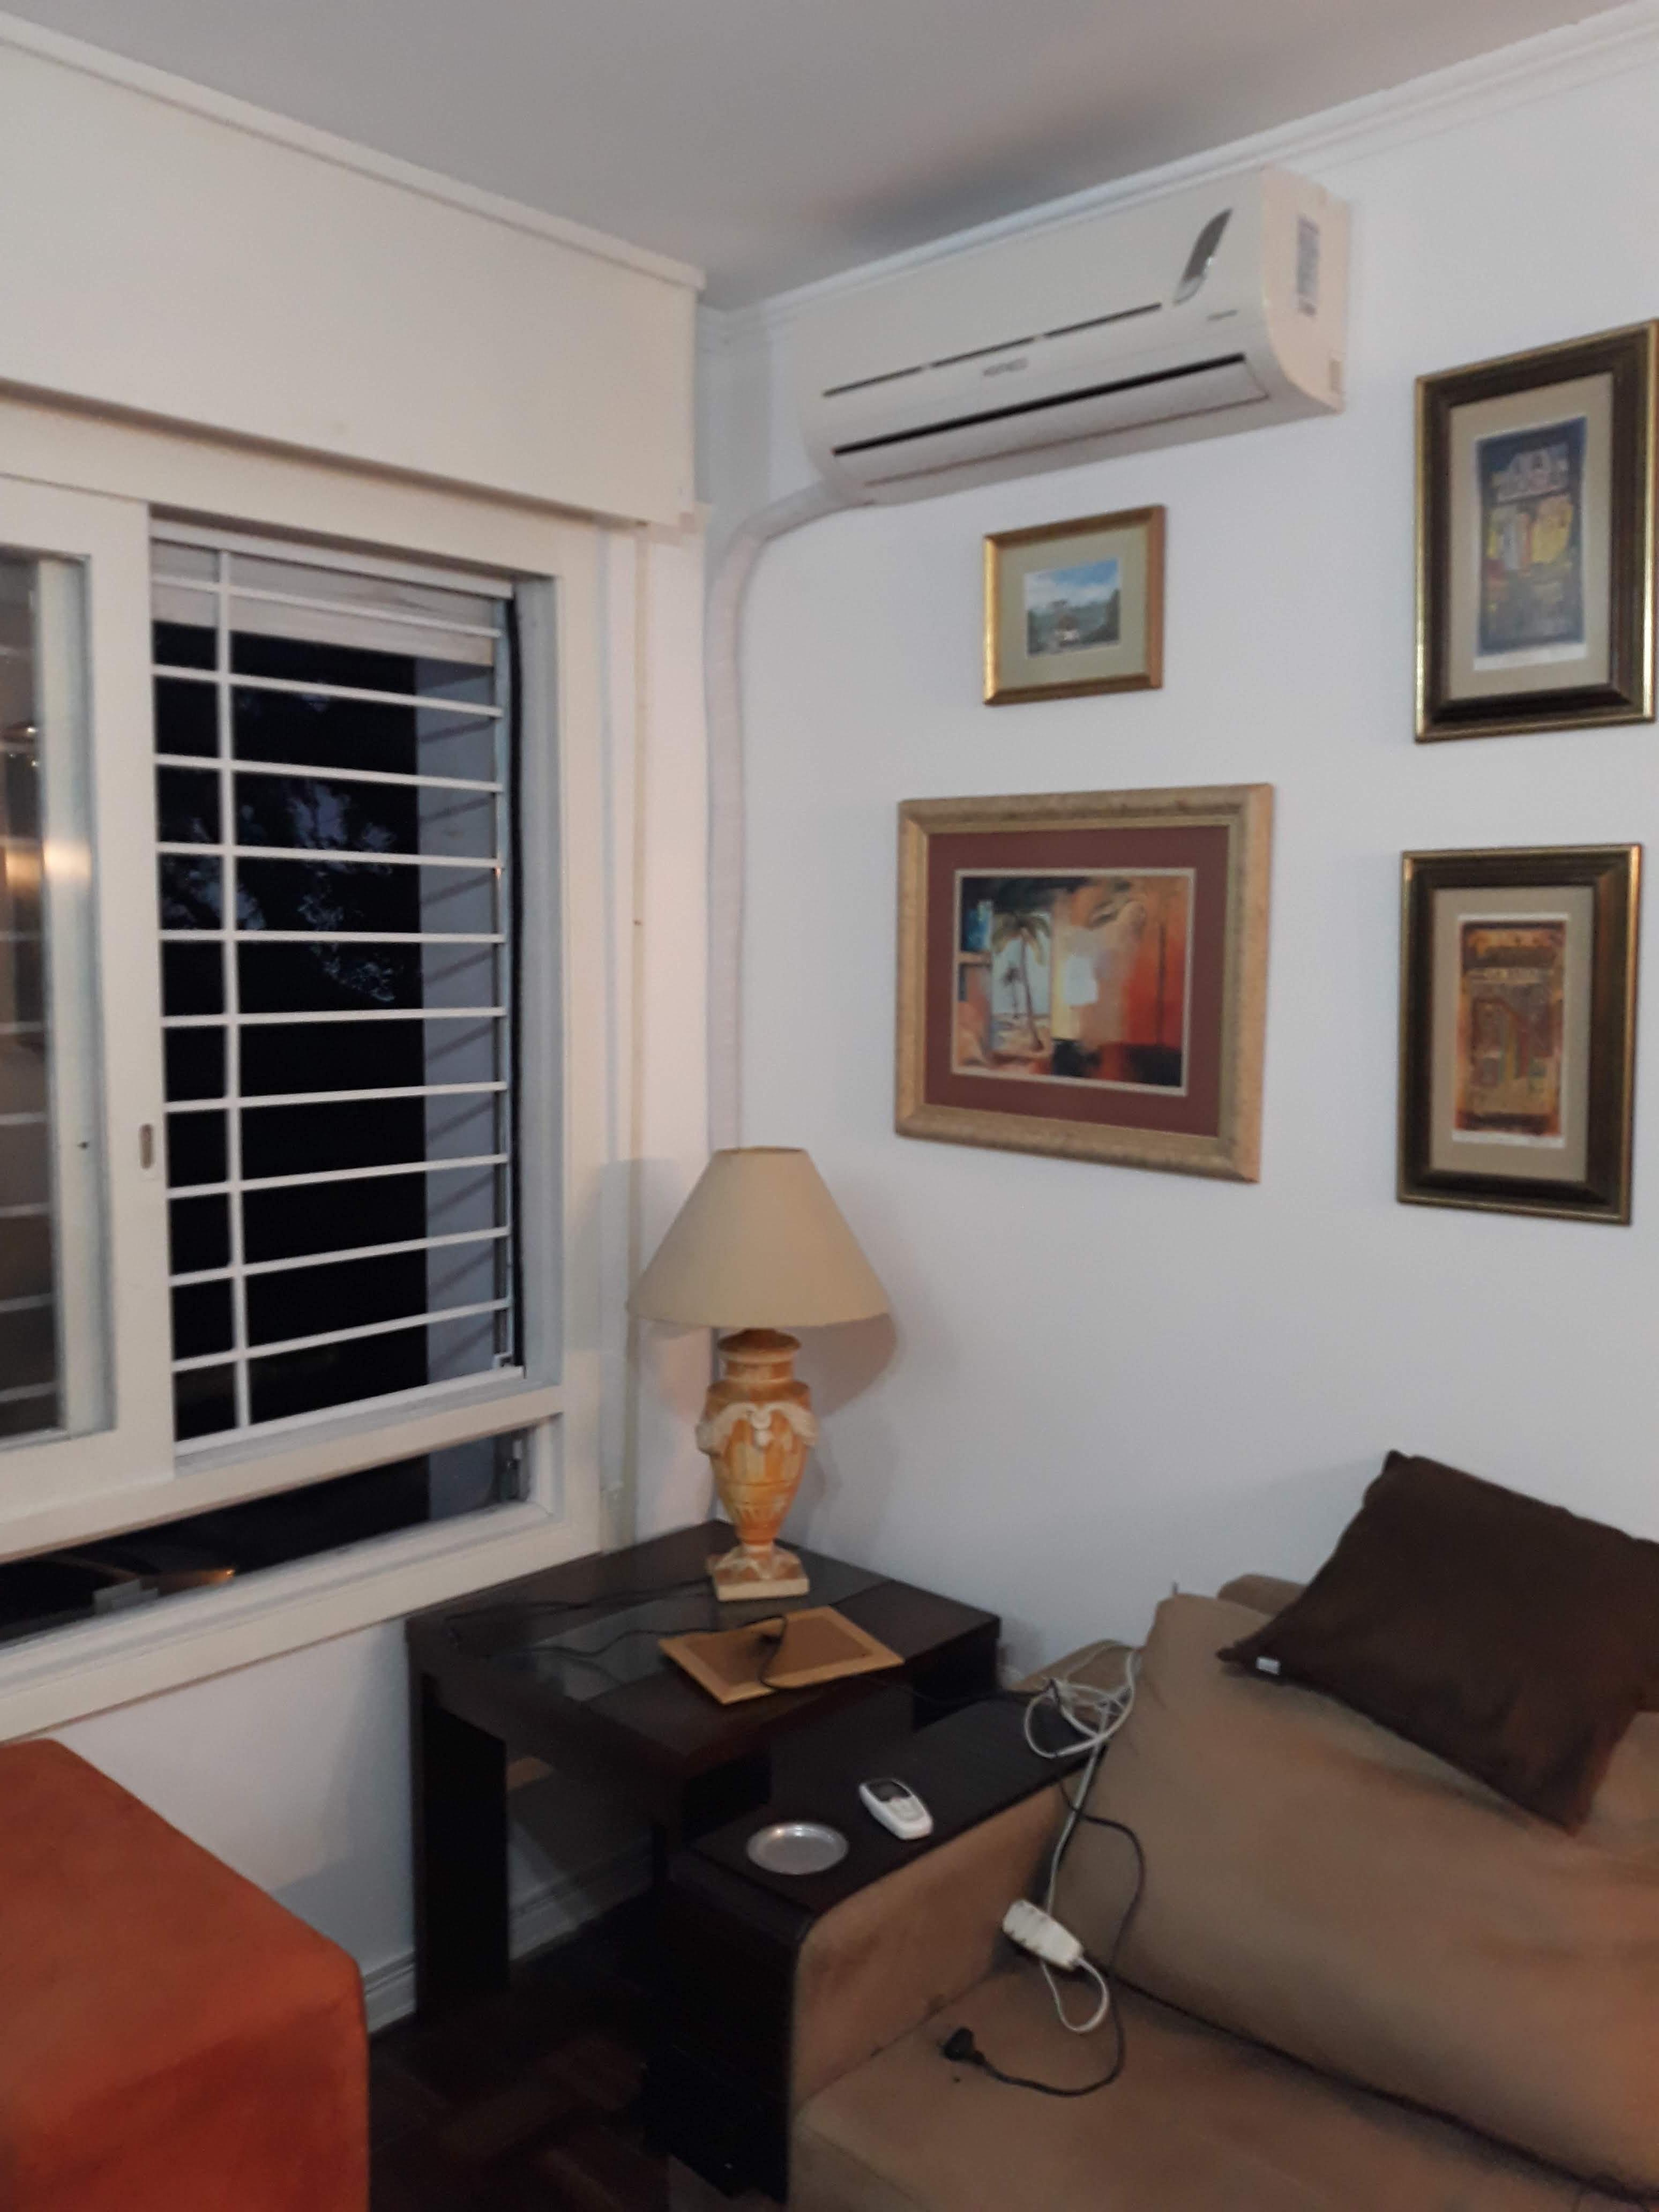 Instalação de Ar Condicionado em Porto Alegre/RS